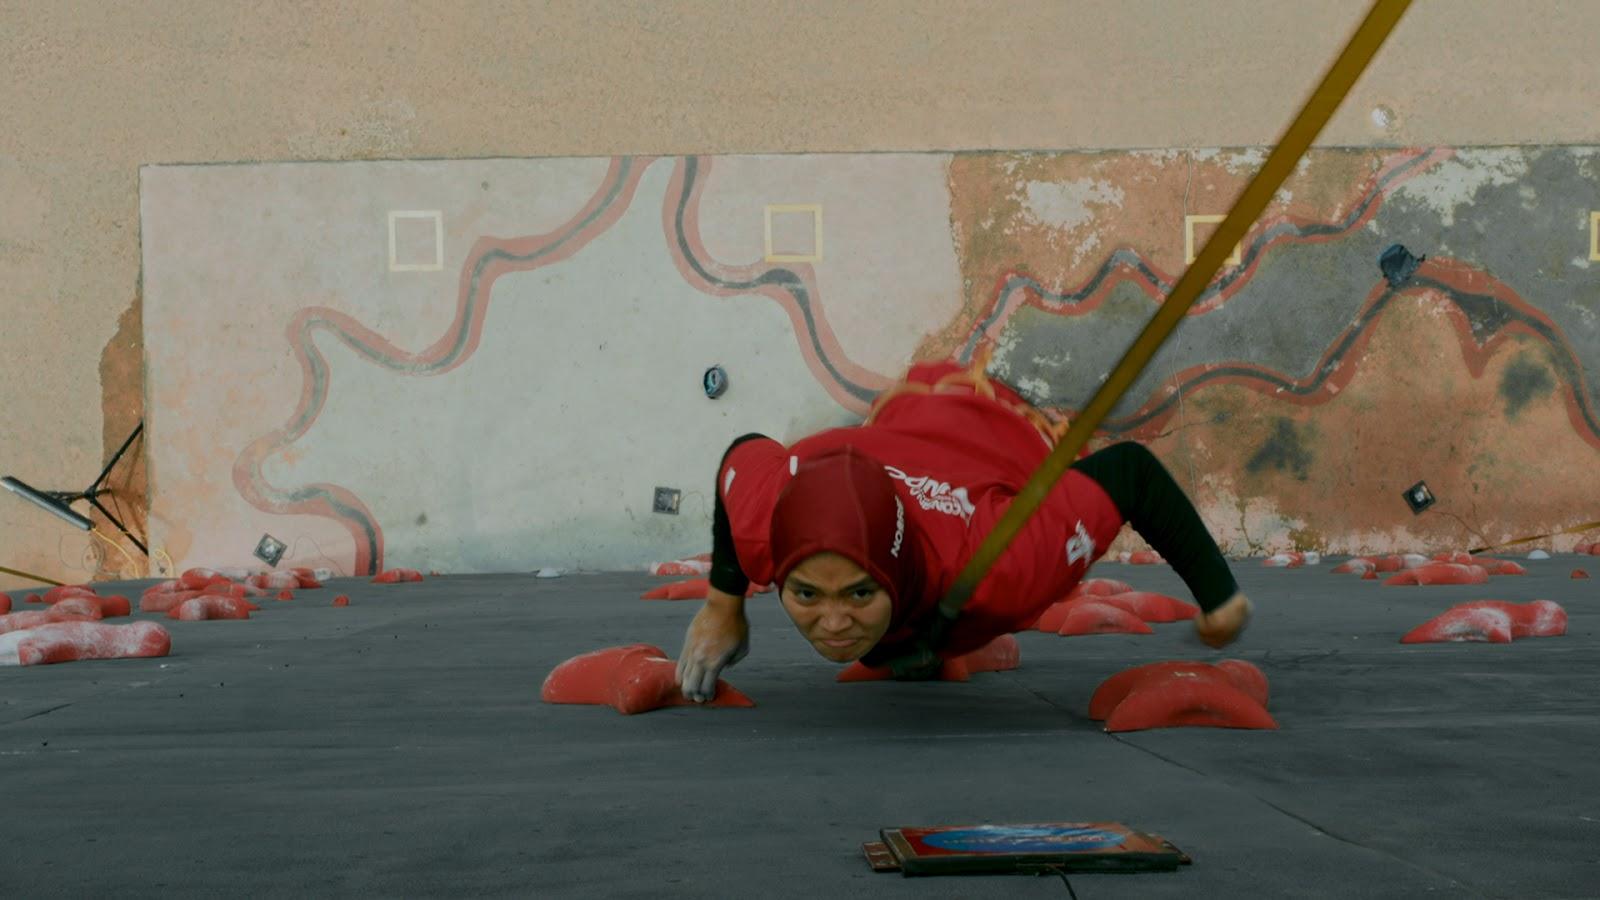 Film 6,9 Detik: Kisah perjuangan atlet panjat tebing nasional Aries Susanti Rahayu sejak skil hingga menjadi juara dunia.